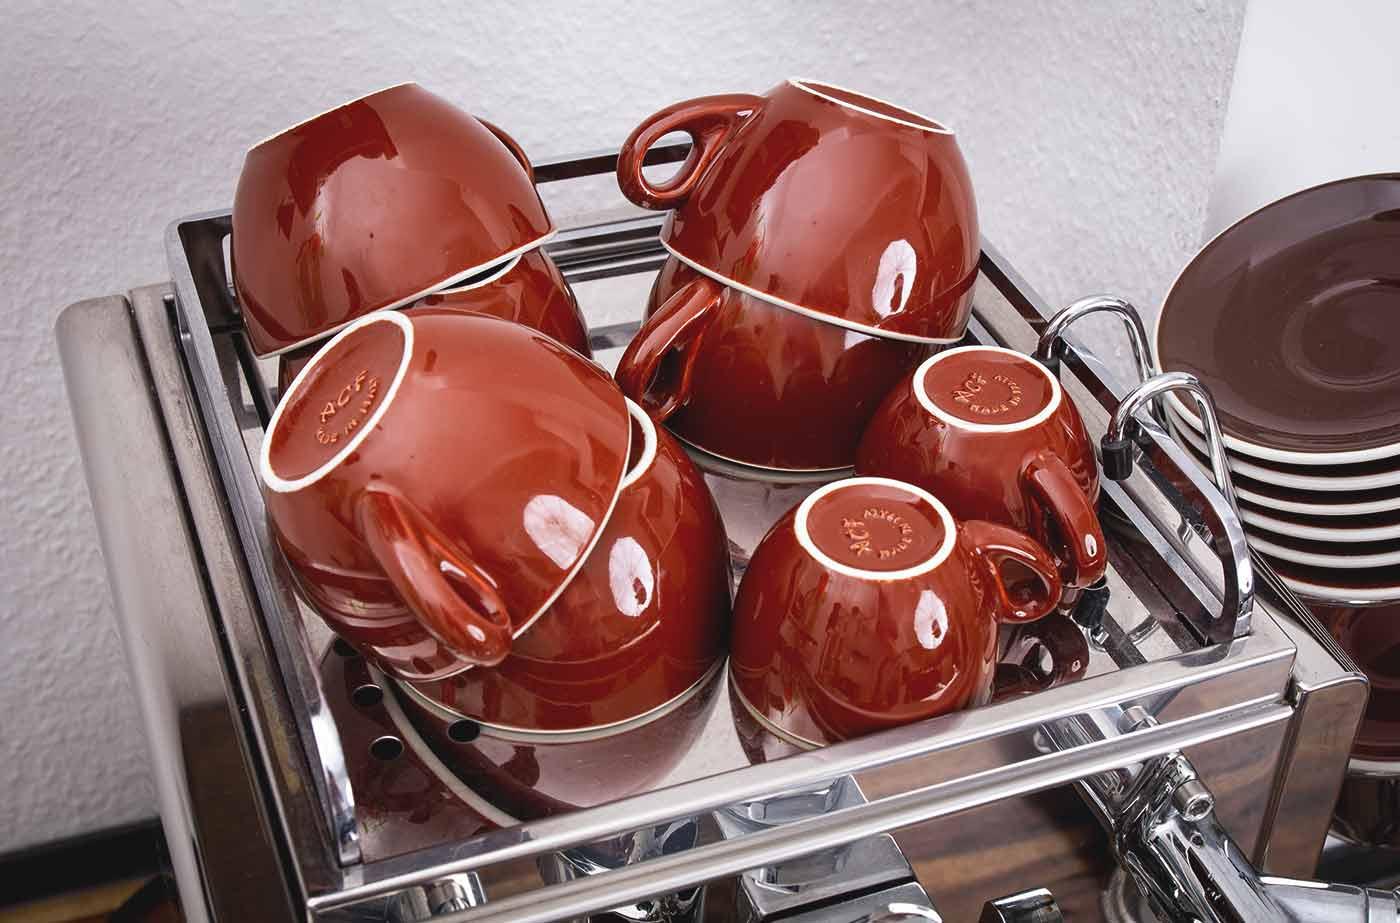 Schritt 1,5: Tassen vorwärmen – Espressozubereitung in der Siebträgermaschine.